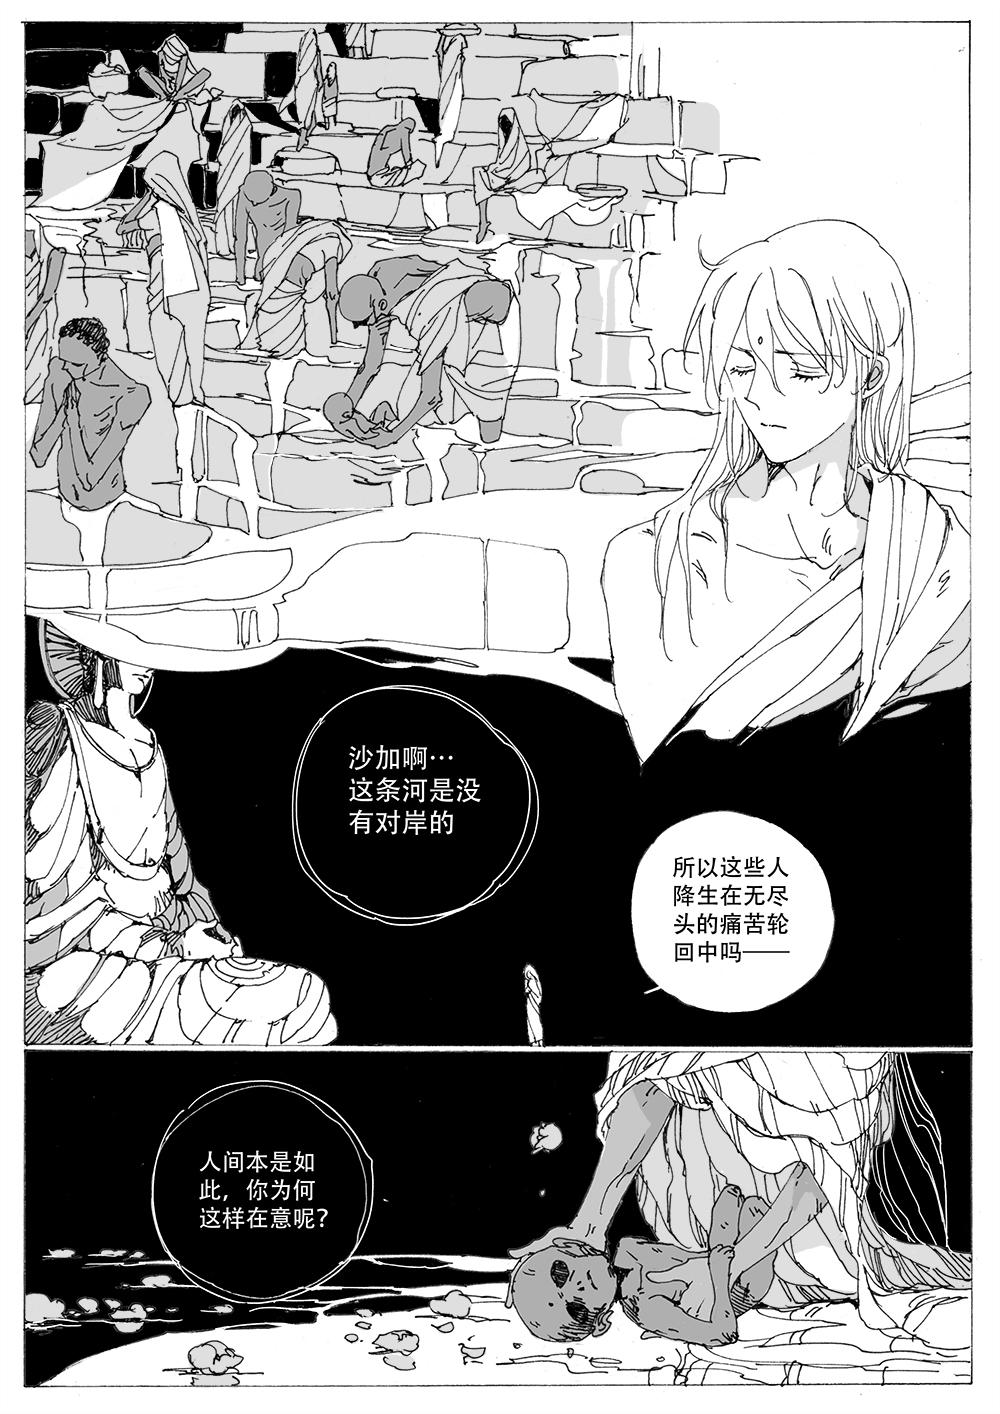 永生河29